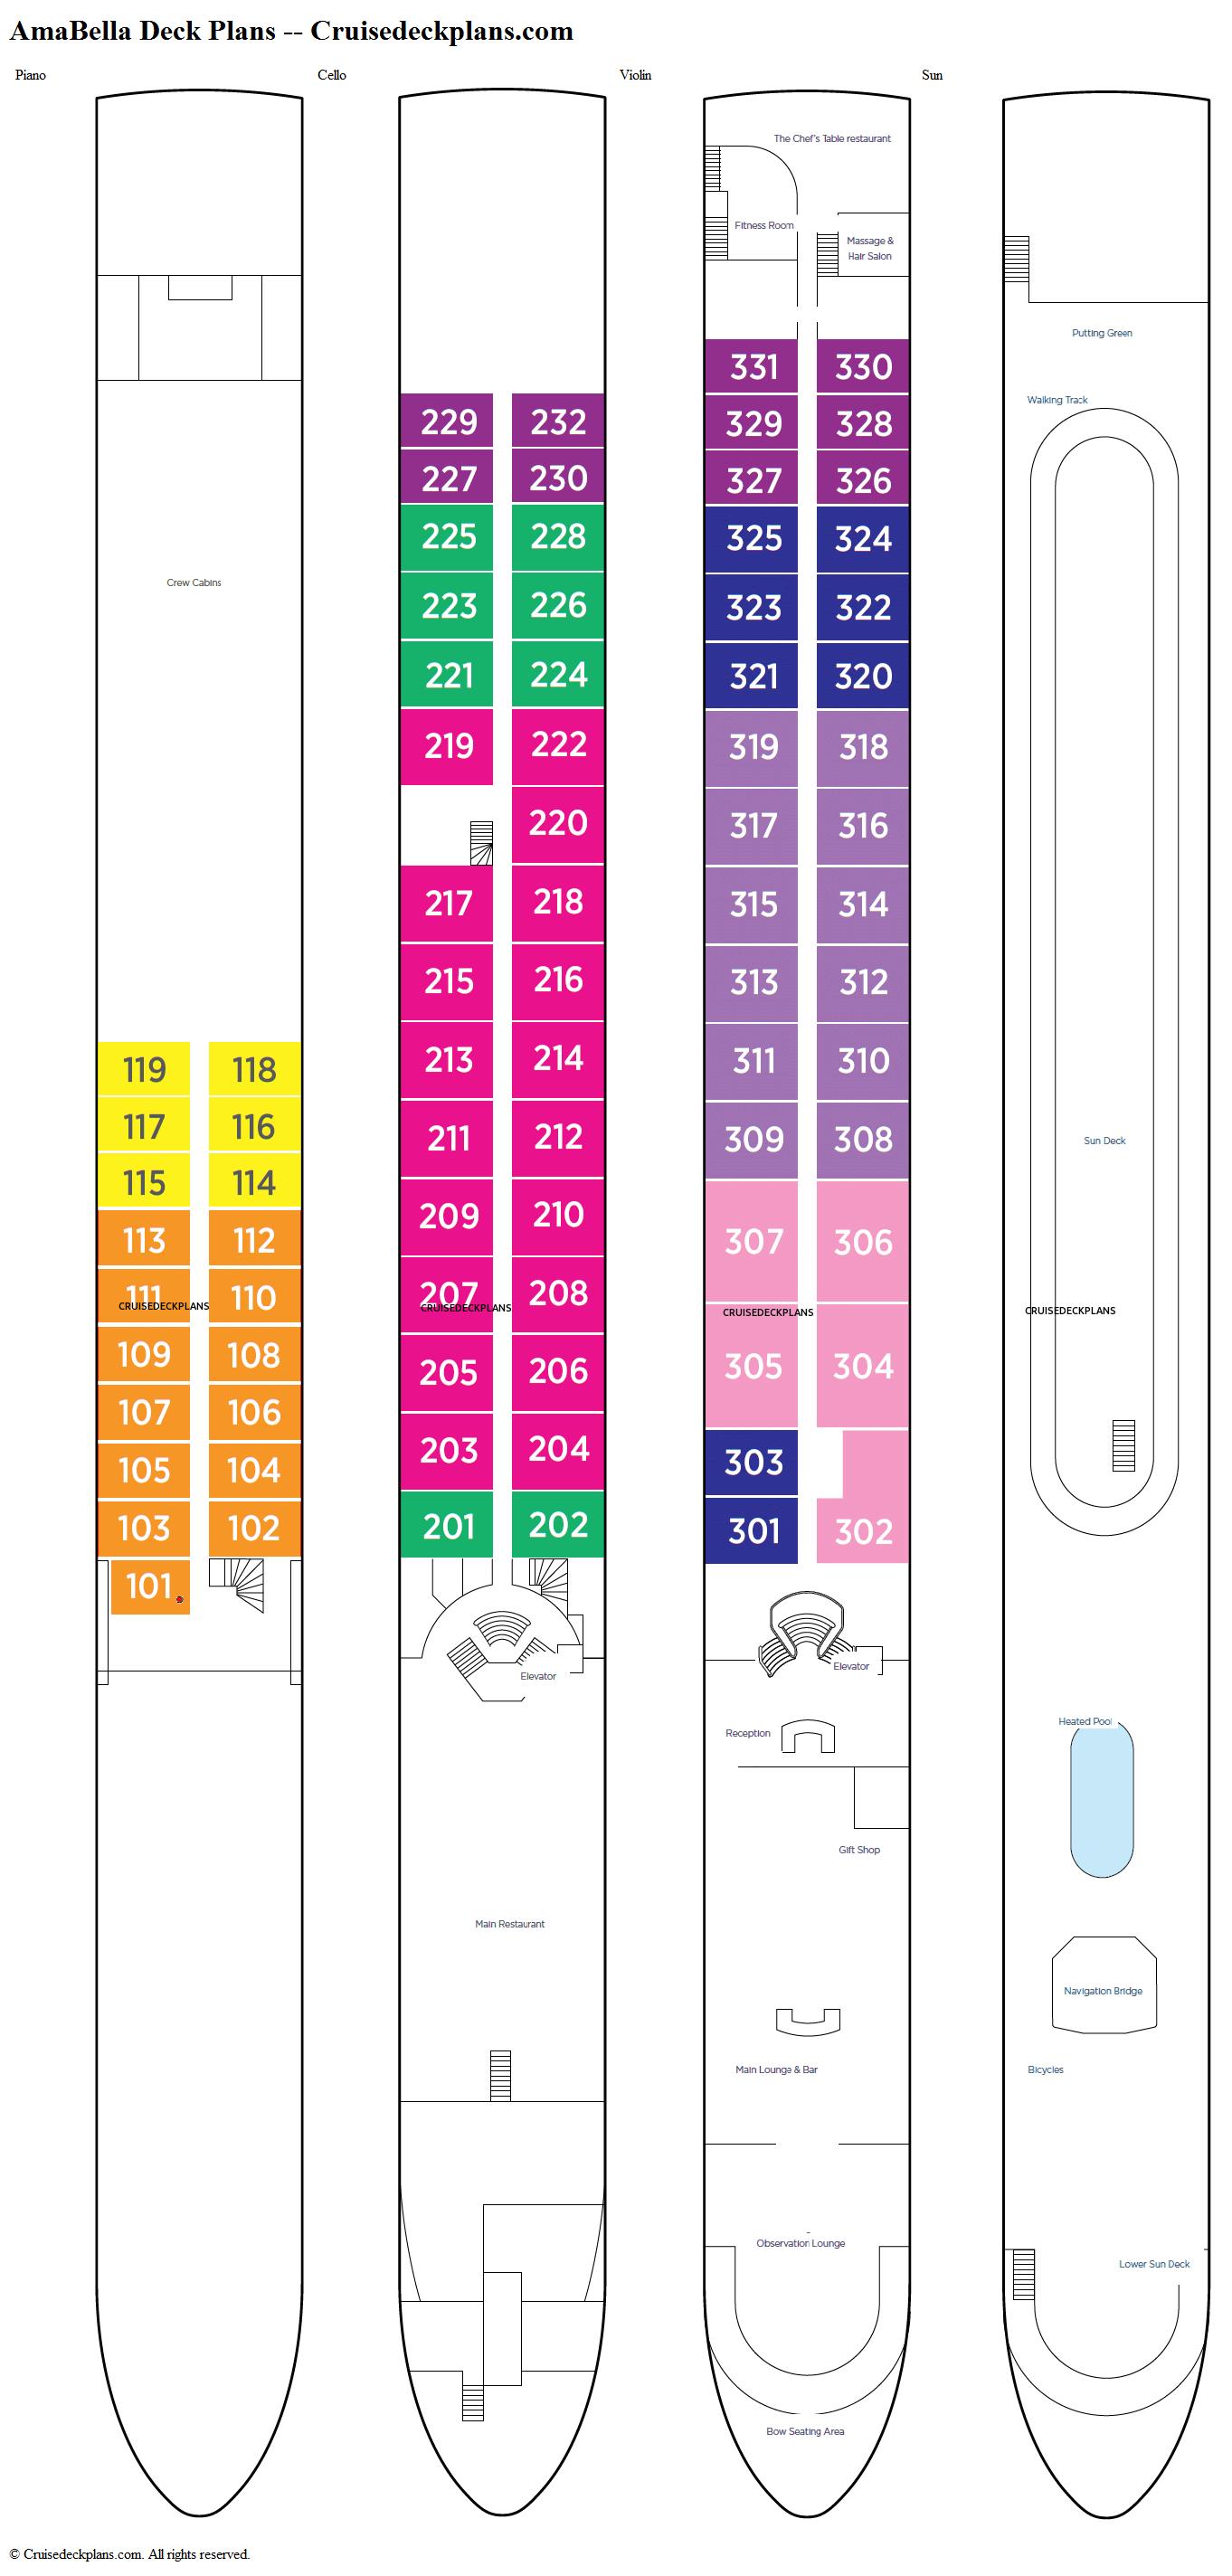 AmaBella Piano Deck Plan Tour